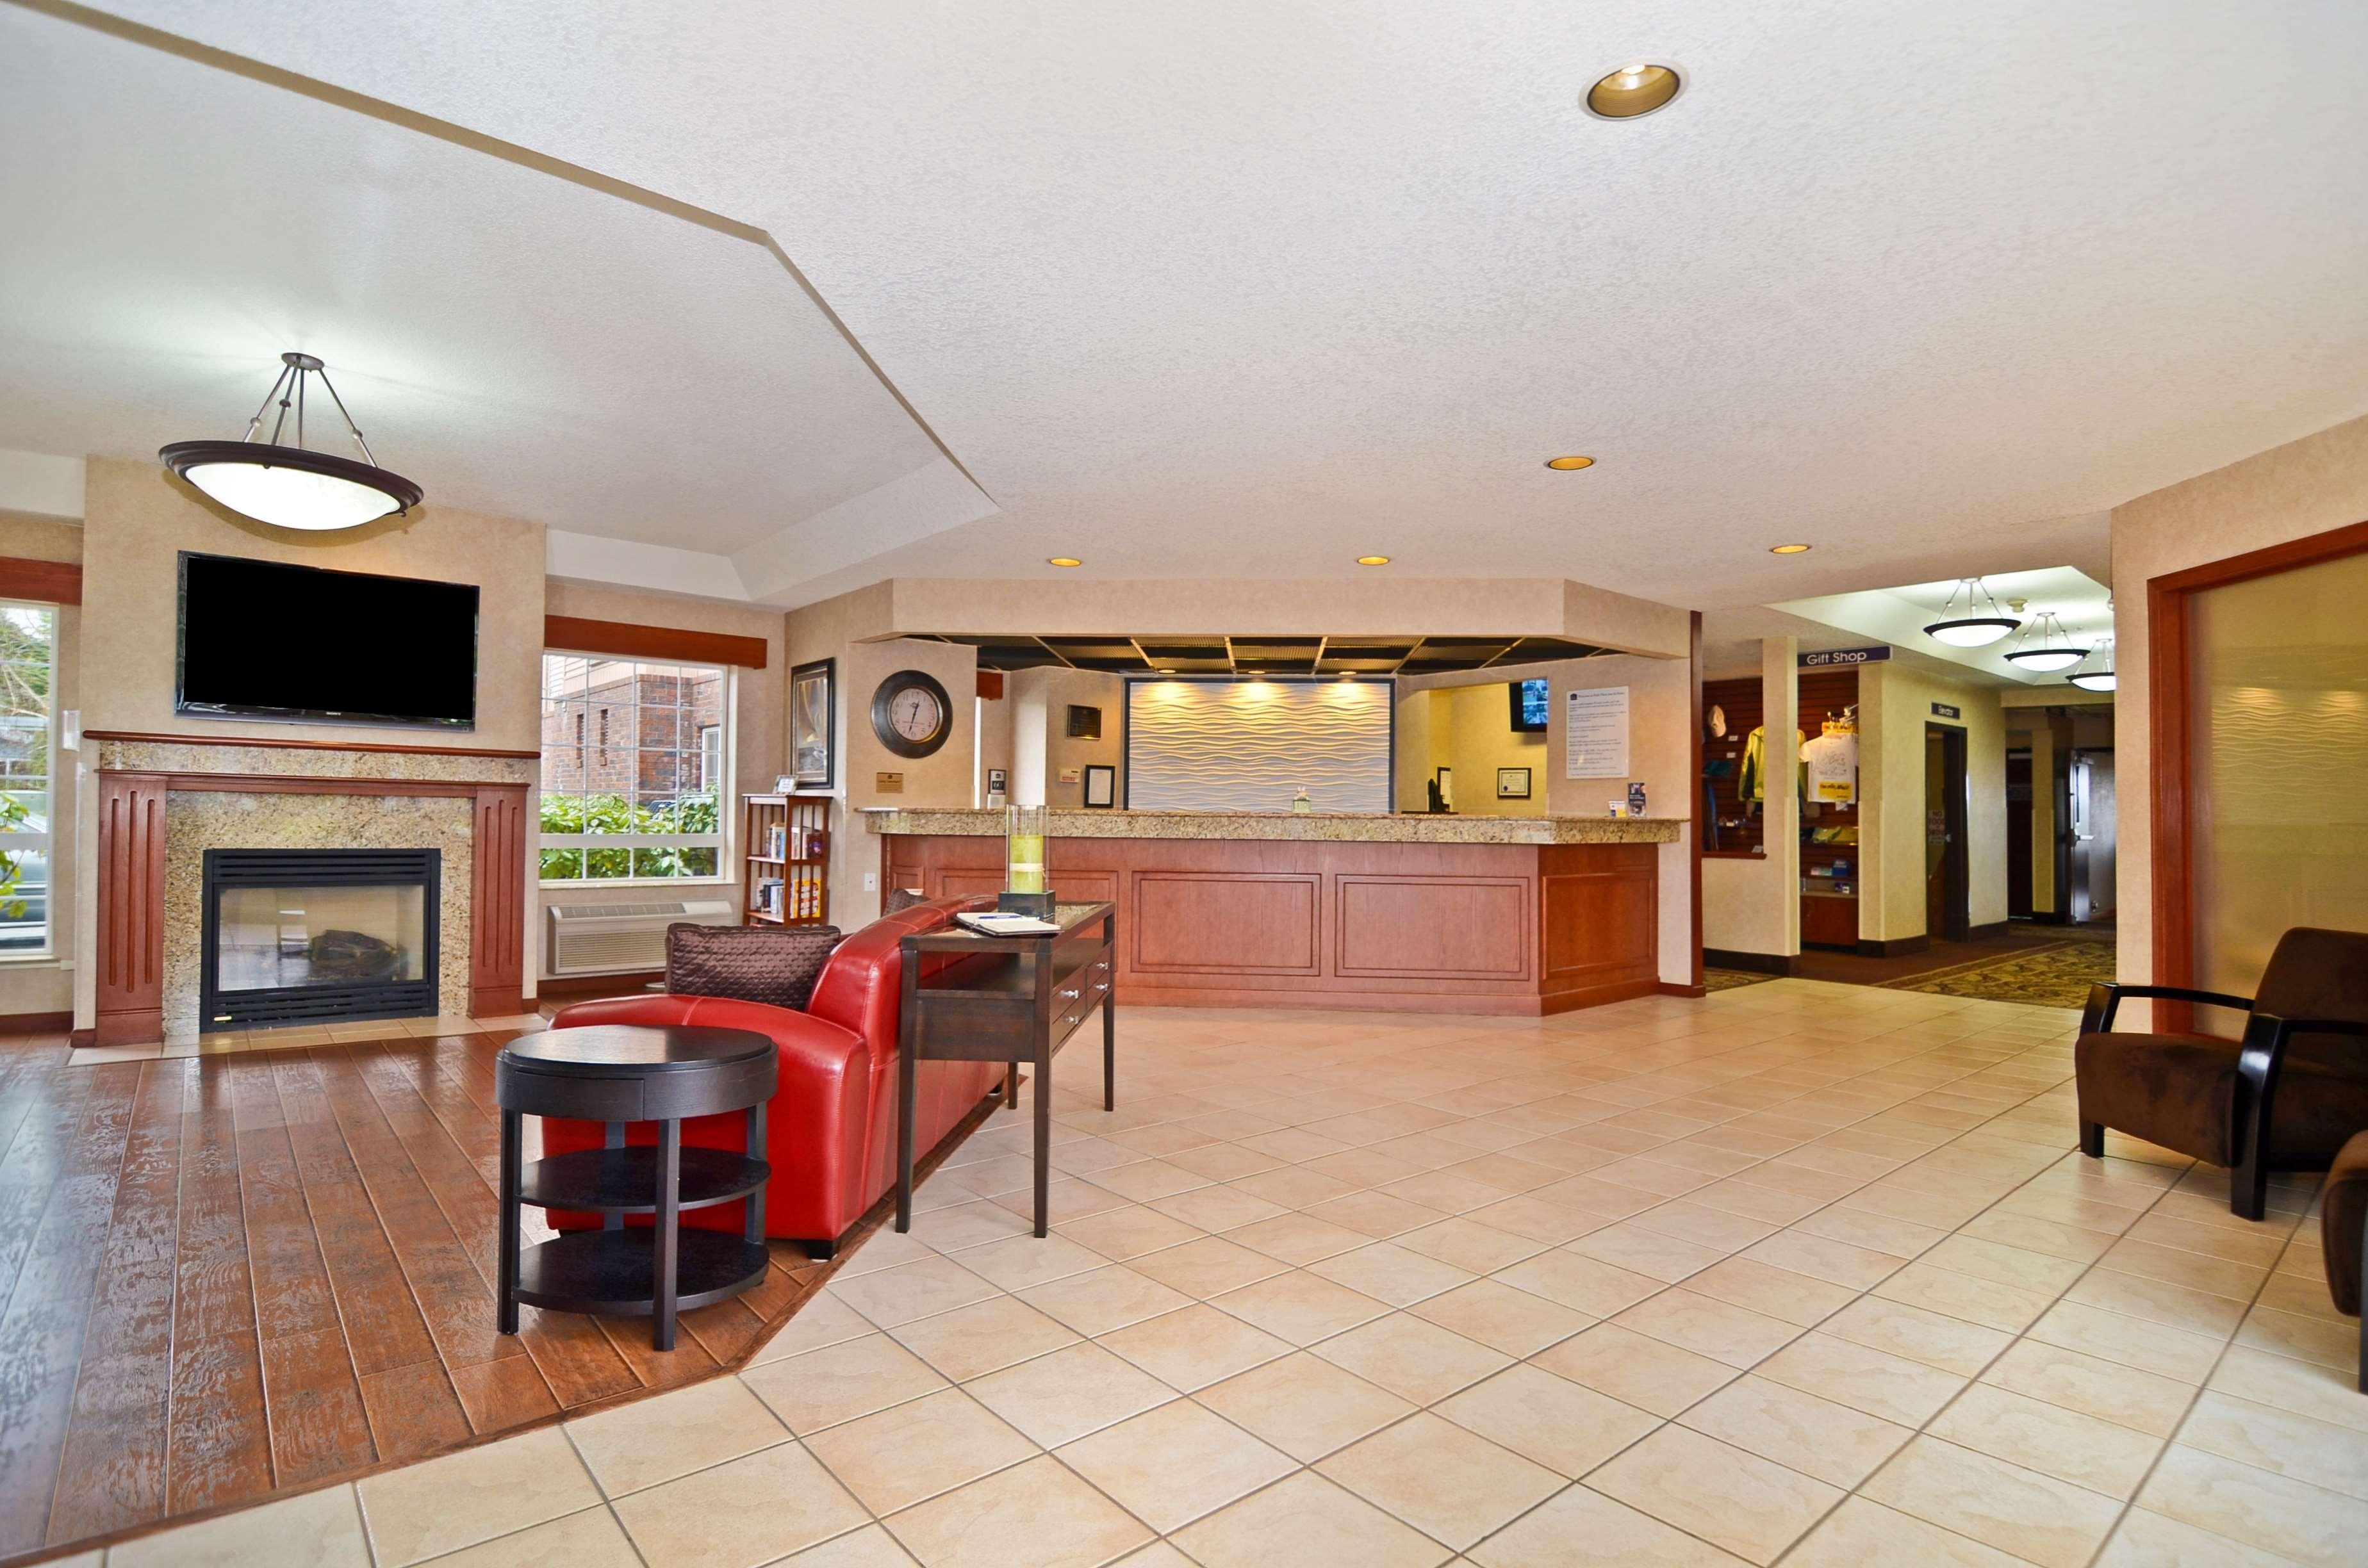 Best Western Plus Park Place Inn & Suites image 2